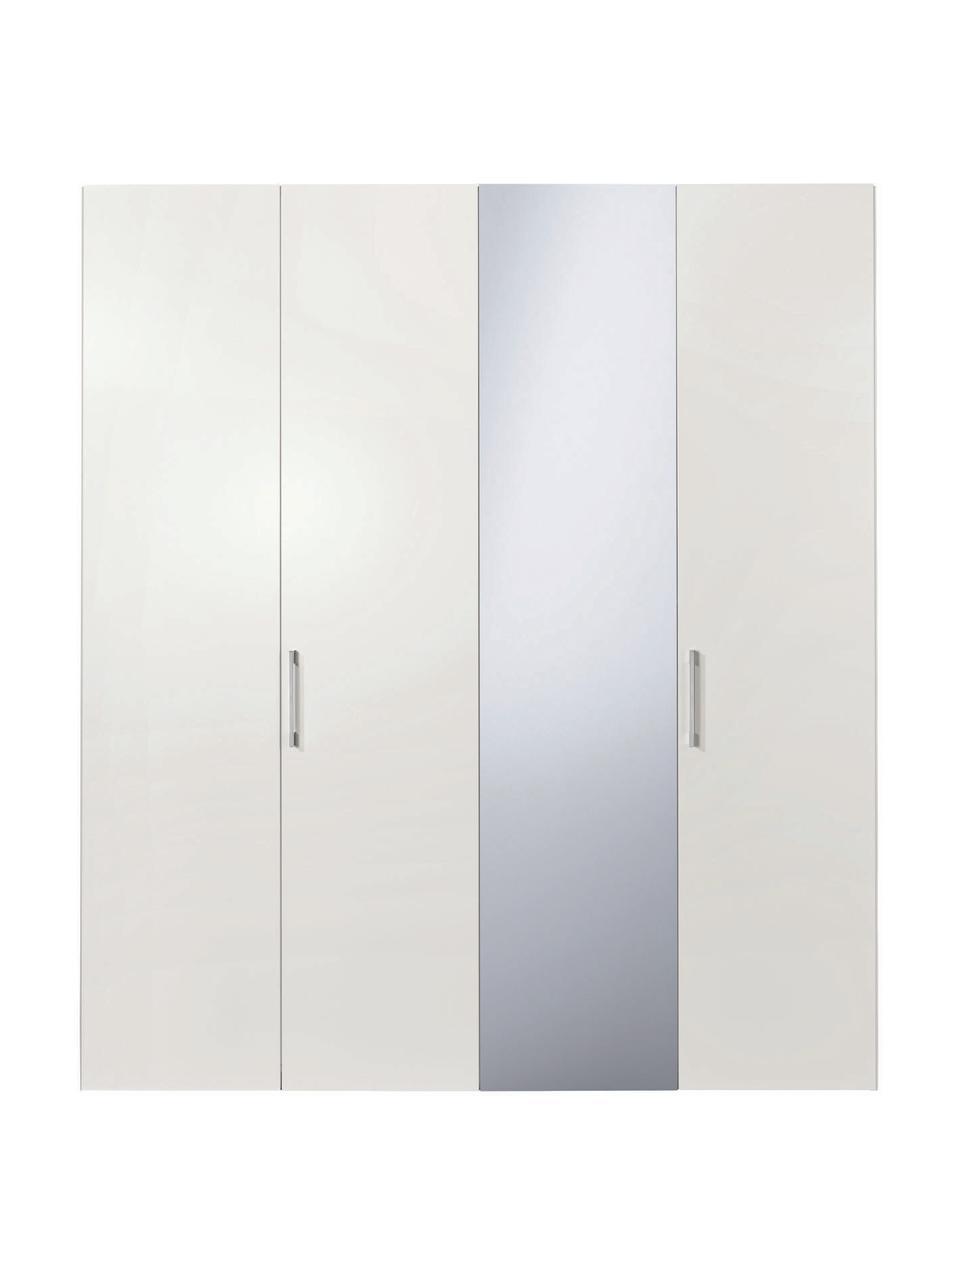 Kleiderschrank Madison 4-türig mit Spiegeltür, inkl. Montageservice, Korpus: Holzwerkstoffplatten, lac, Weiß, Mit Spiegeltür, 202 x 230 cm